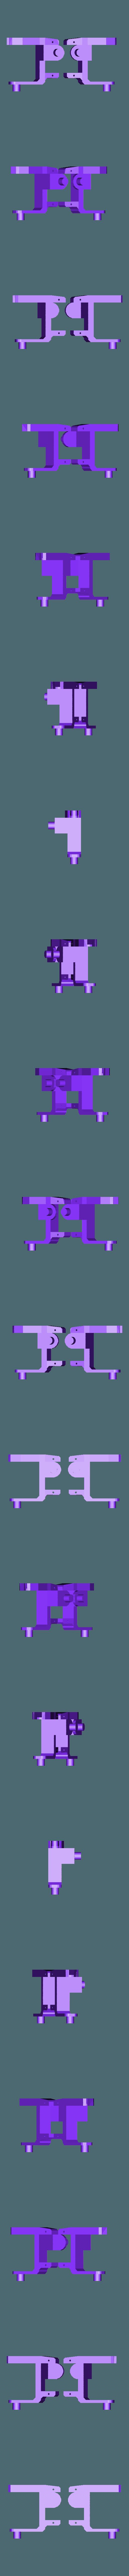 coxa.stl Télécharger fichier STL gratuit Robot hexagonal V1 • Design pour impression 3D, mwilmars